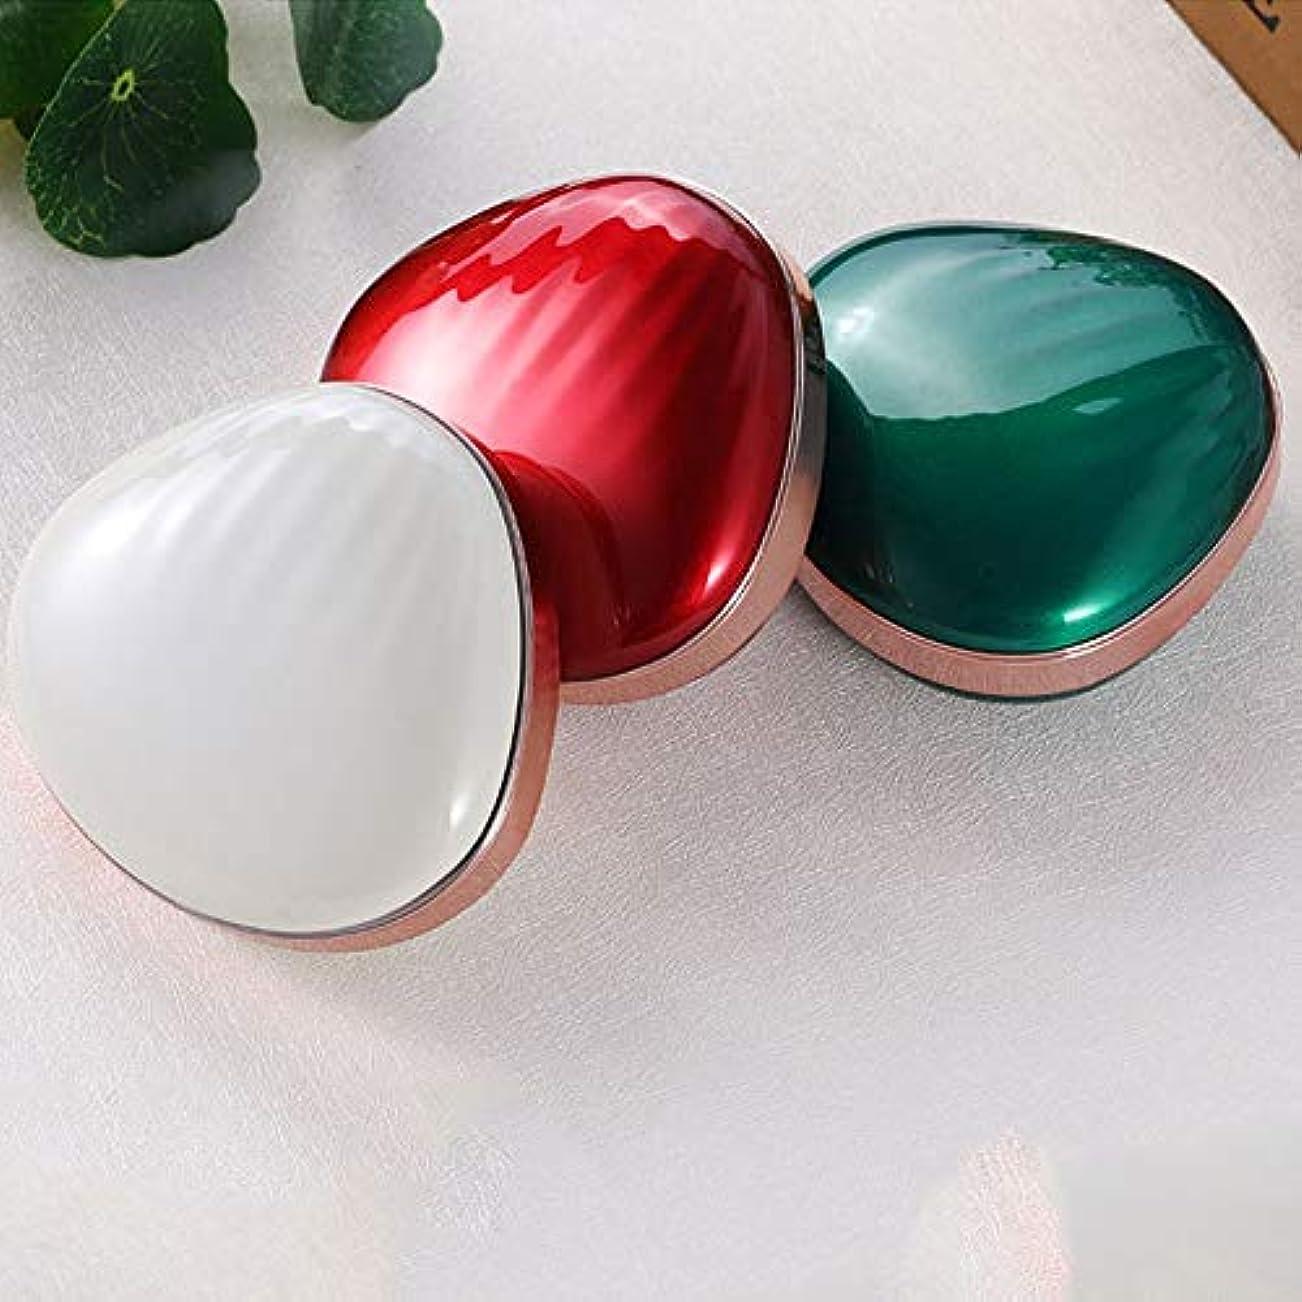 アミューズメントたらい桁流行の 新しいクリエイティブLEDソフトアイメイクミラー多機能塗りつぶし充電宝メイクアップミラー美容ミラーABSアルミ3レッドブルーホワイト (色 : Green)